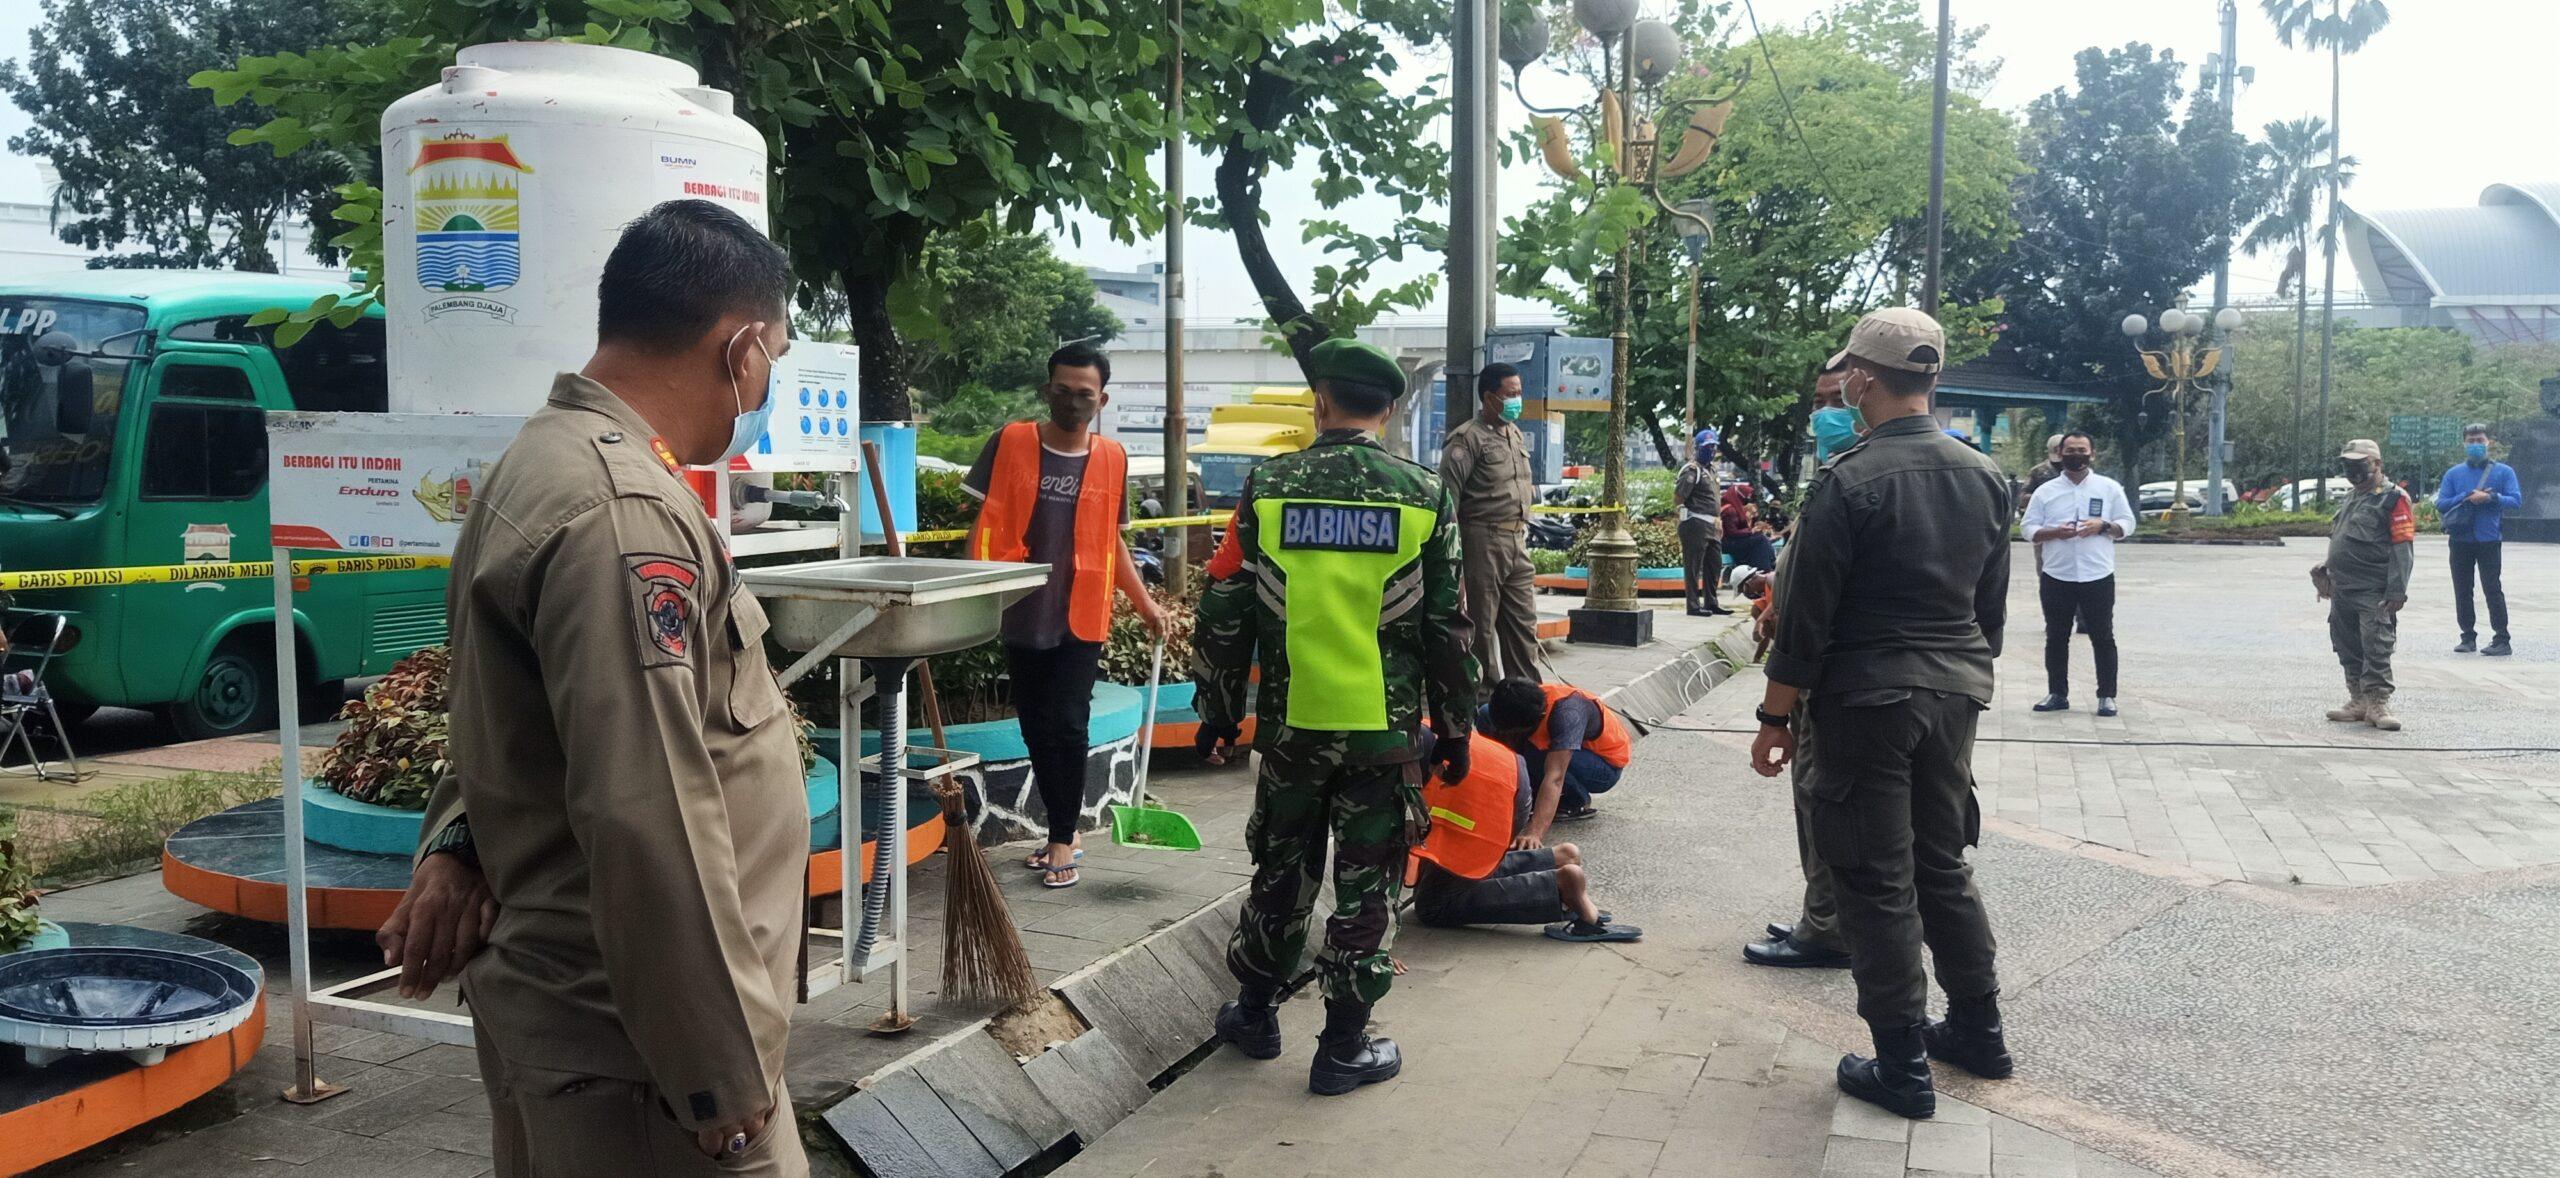 Kapolda Sumsel : Masyarakat Palembang Masih Banyak Nakal ...